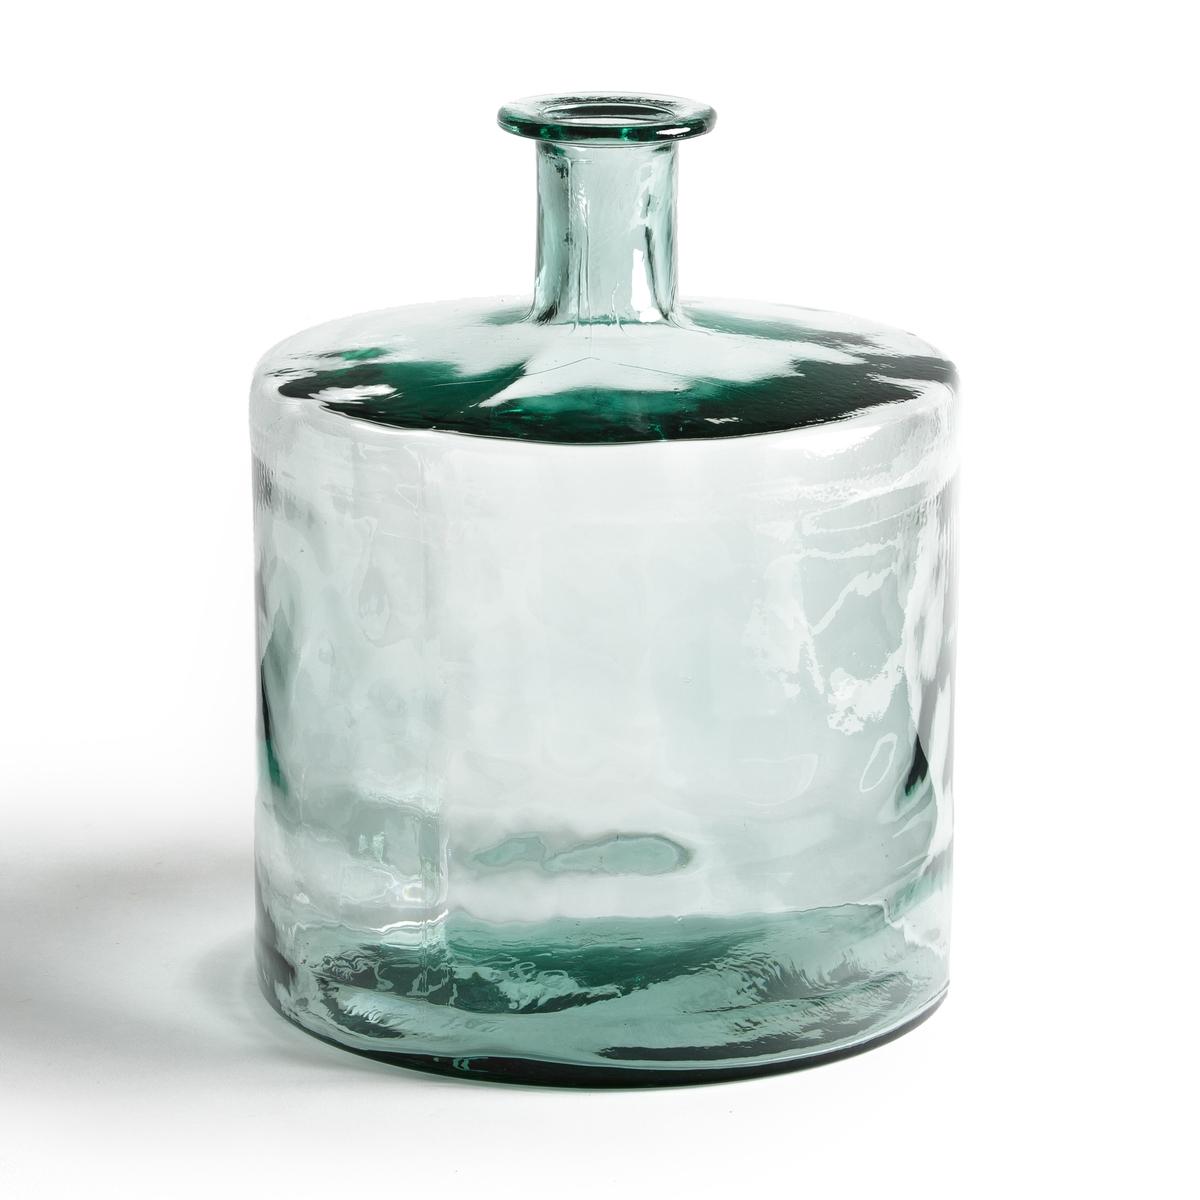 Ваза-бутыль, IZOLIAВаза-бутыль Izolia. Ваза-бутыль Izolia добавит объем Вашим композициям и украсит интерьер.Характеристики вазы-бутыли Izolia :Переработанное стекло.Всю коллекцию Izolia ищите на сайте laredoute.ruРазмеры вазы-бутыли Izolia :Диаметр : ?36 смВысота : 45 смРазмеры и вес упаковки:1 упаковкаШ39 x В39 x Г48 см, 11 кг<br><br>Цвет: стеклянный крашеный<br>Размер: единый размер